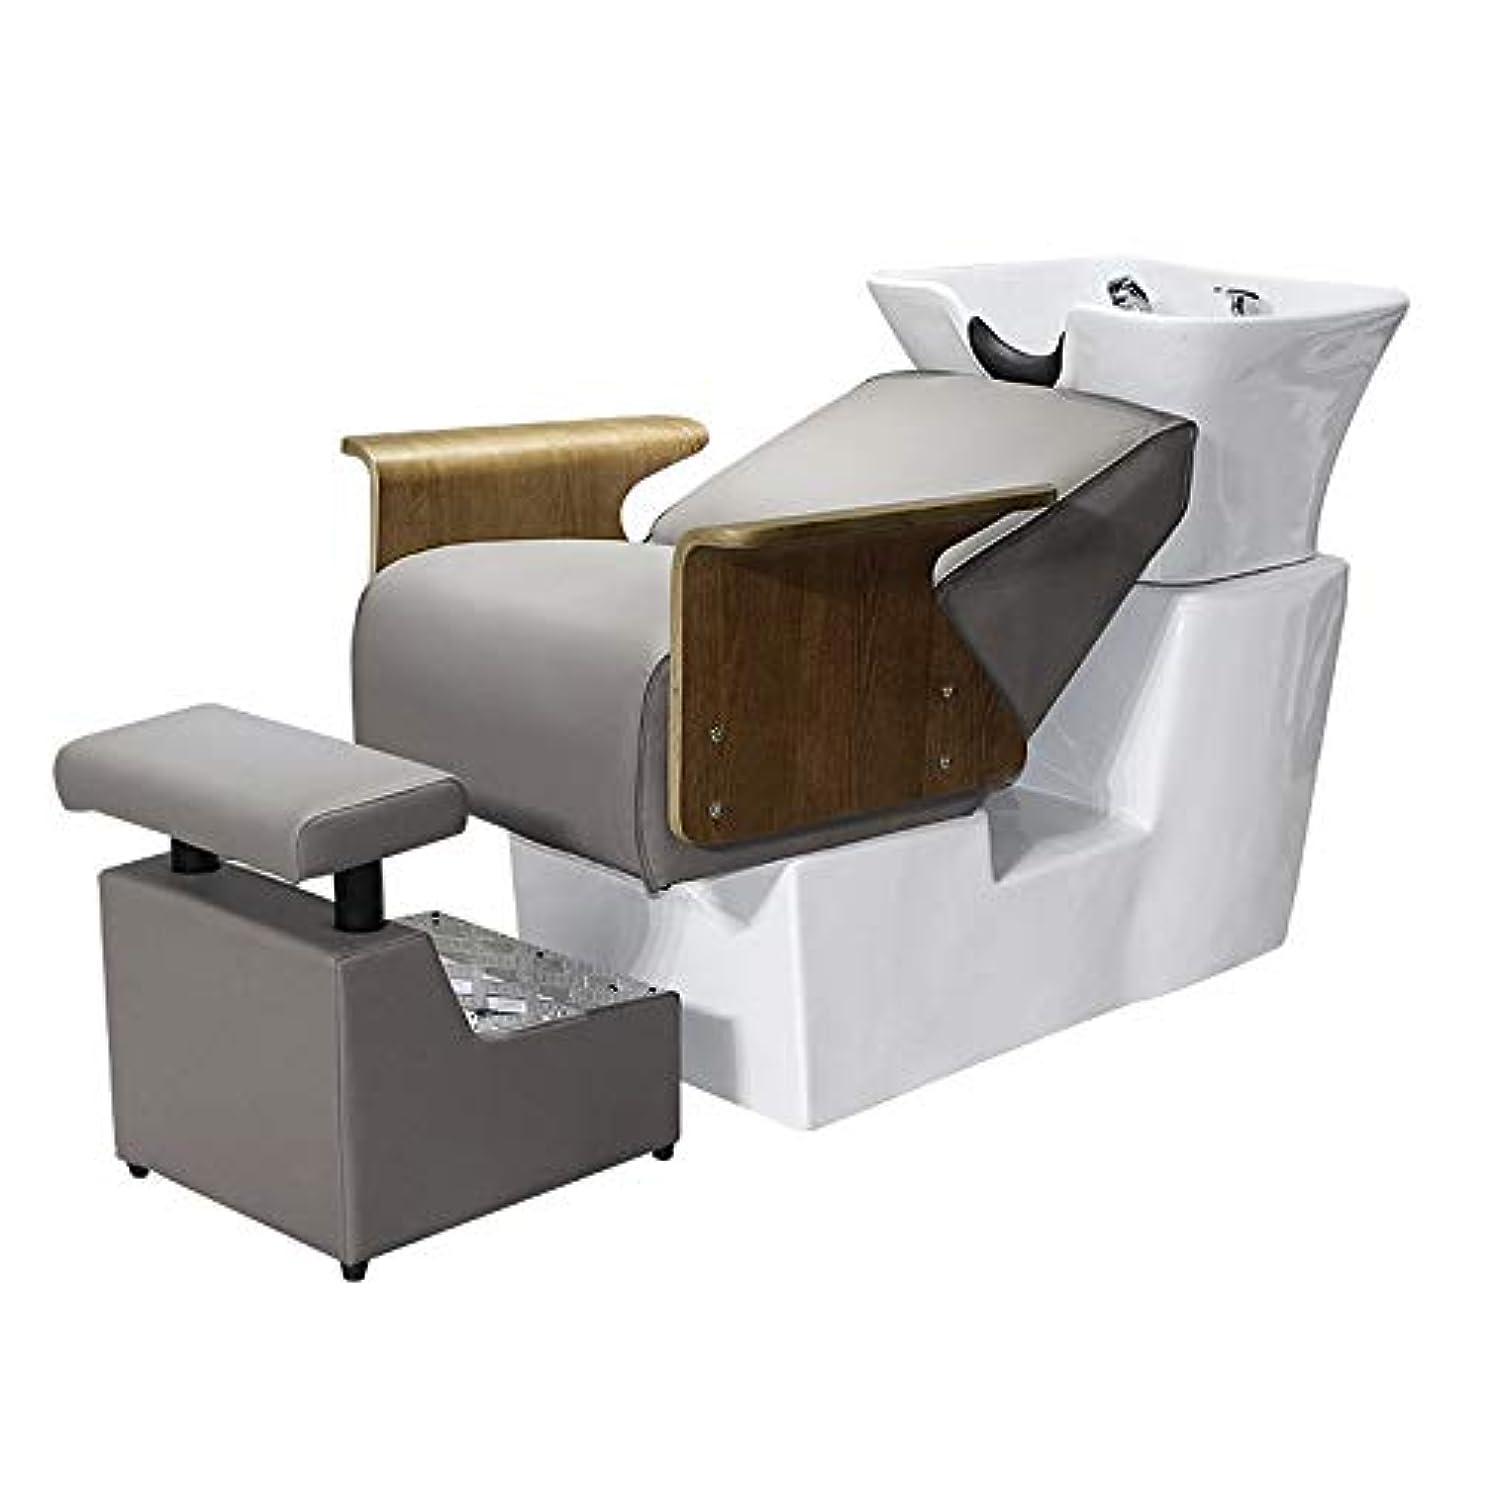 レーダー前兆船形シャンプーの椅子、陶磁器の洗面器のシャンプーのベッドの逆洗の単位の鉱泉の美容院装置のためのシャンプーボールの理髪の流しの椅子